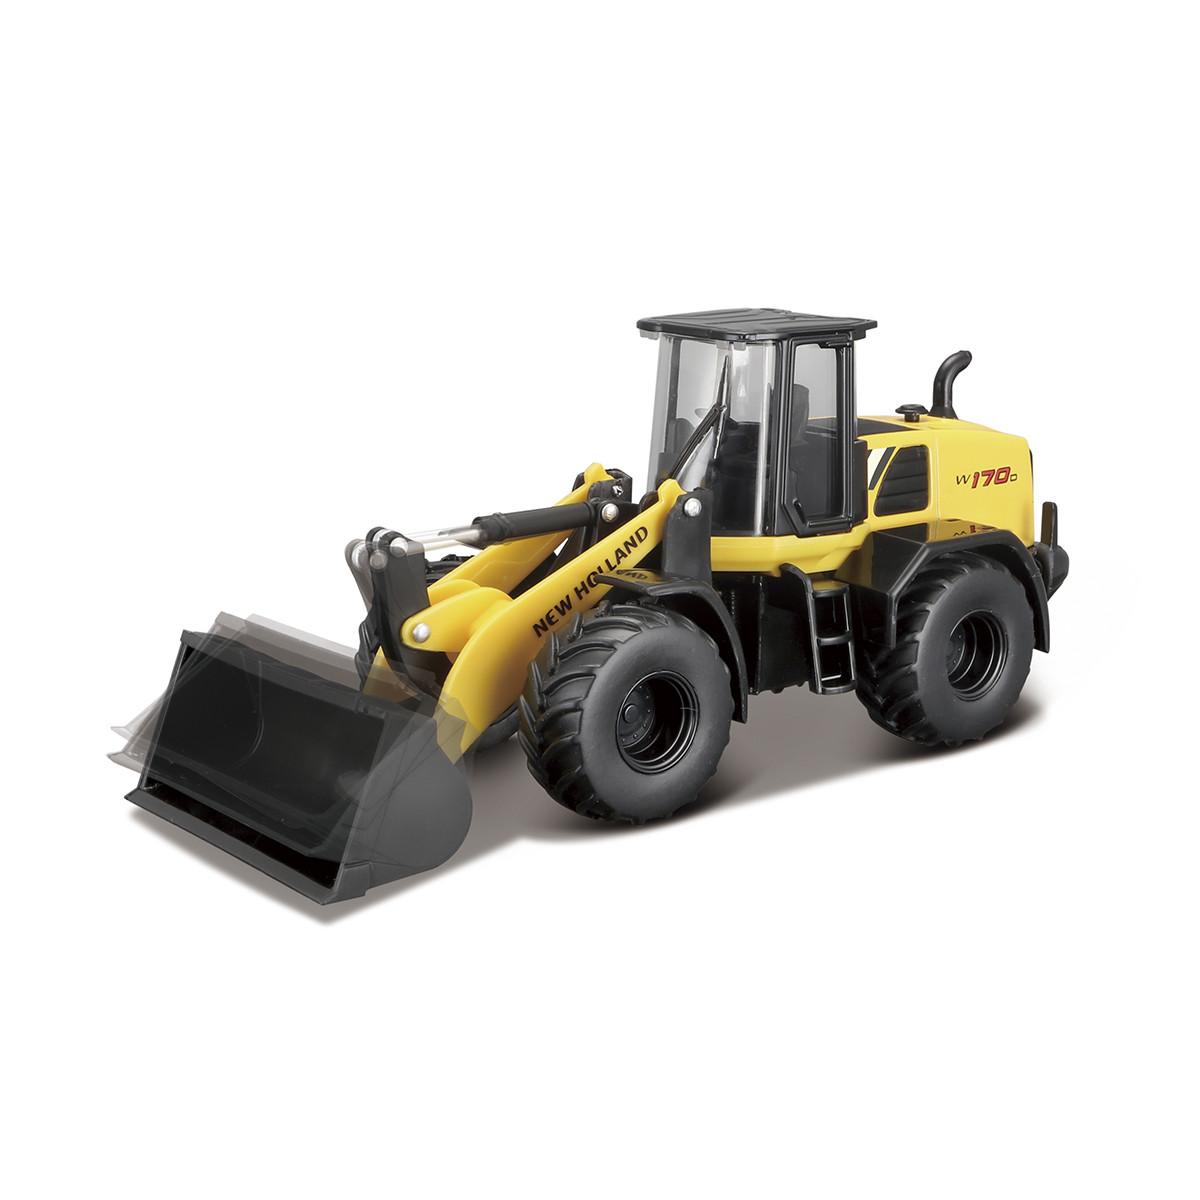 Автомодель серии Construction - ЭКСКАВАТОР NEW HOLLAND W170D, 18-32083